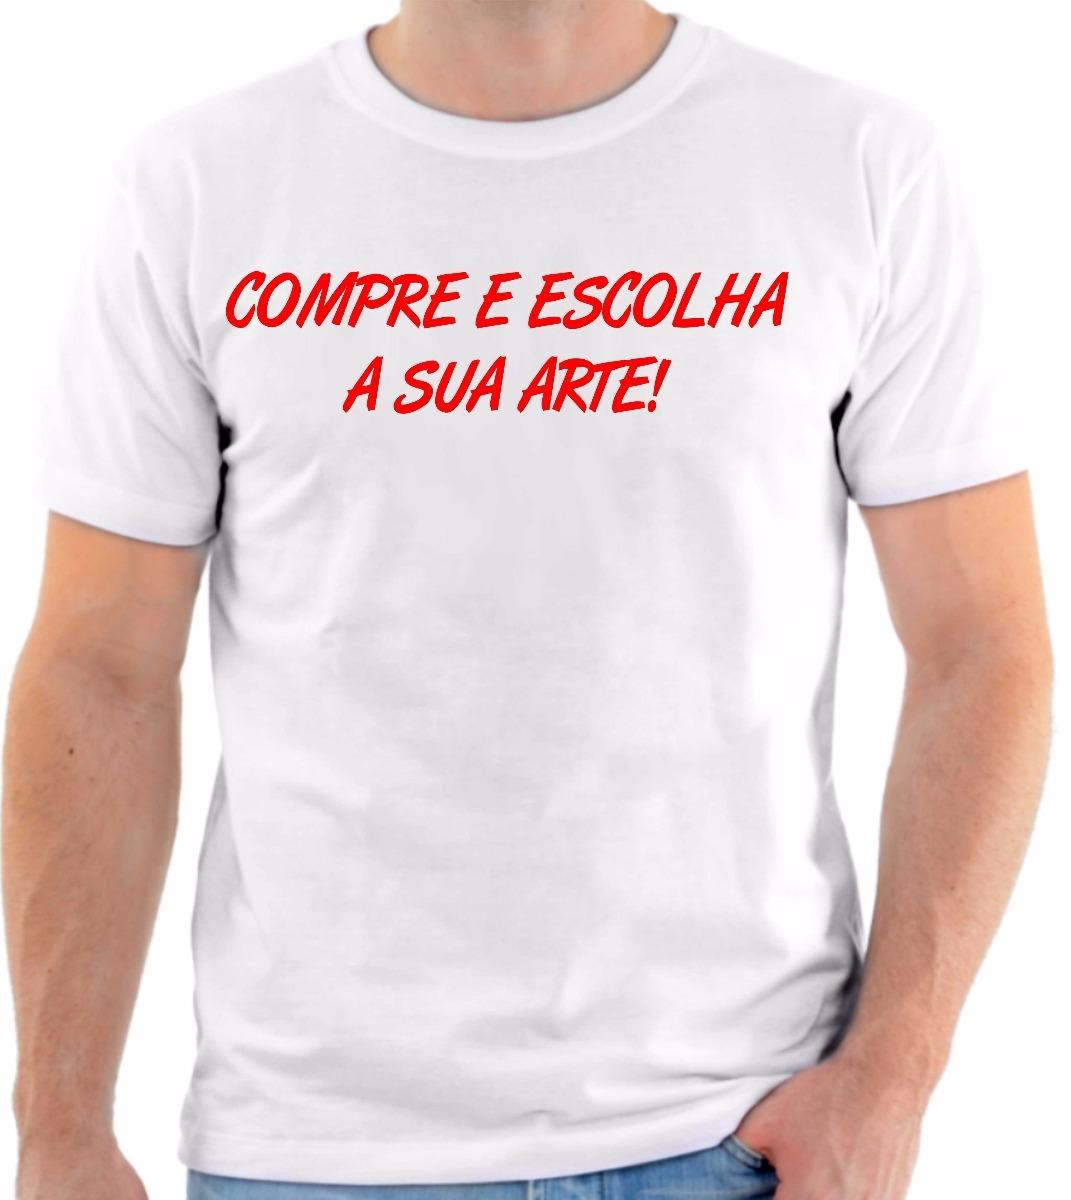 a2d2d95bc camiseta personalizada crie sua camiseta sua arte aqui. Carregando zoom.